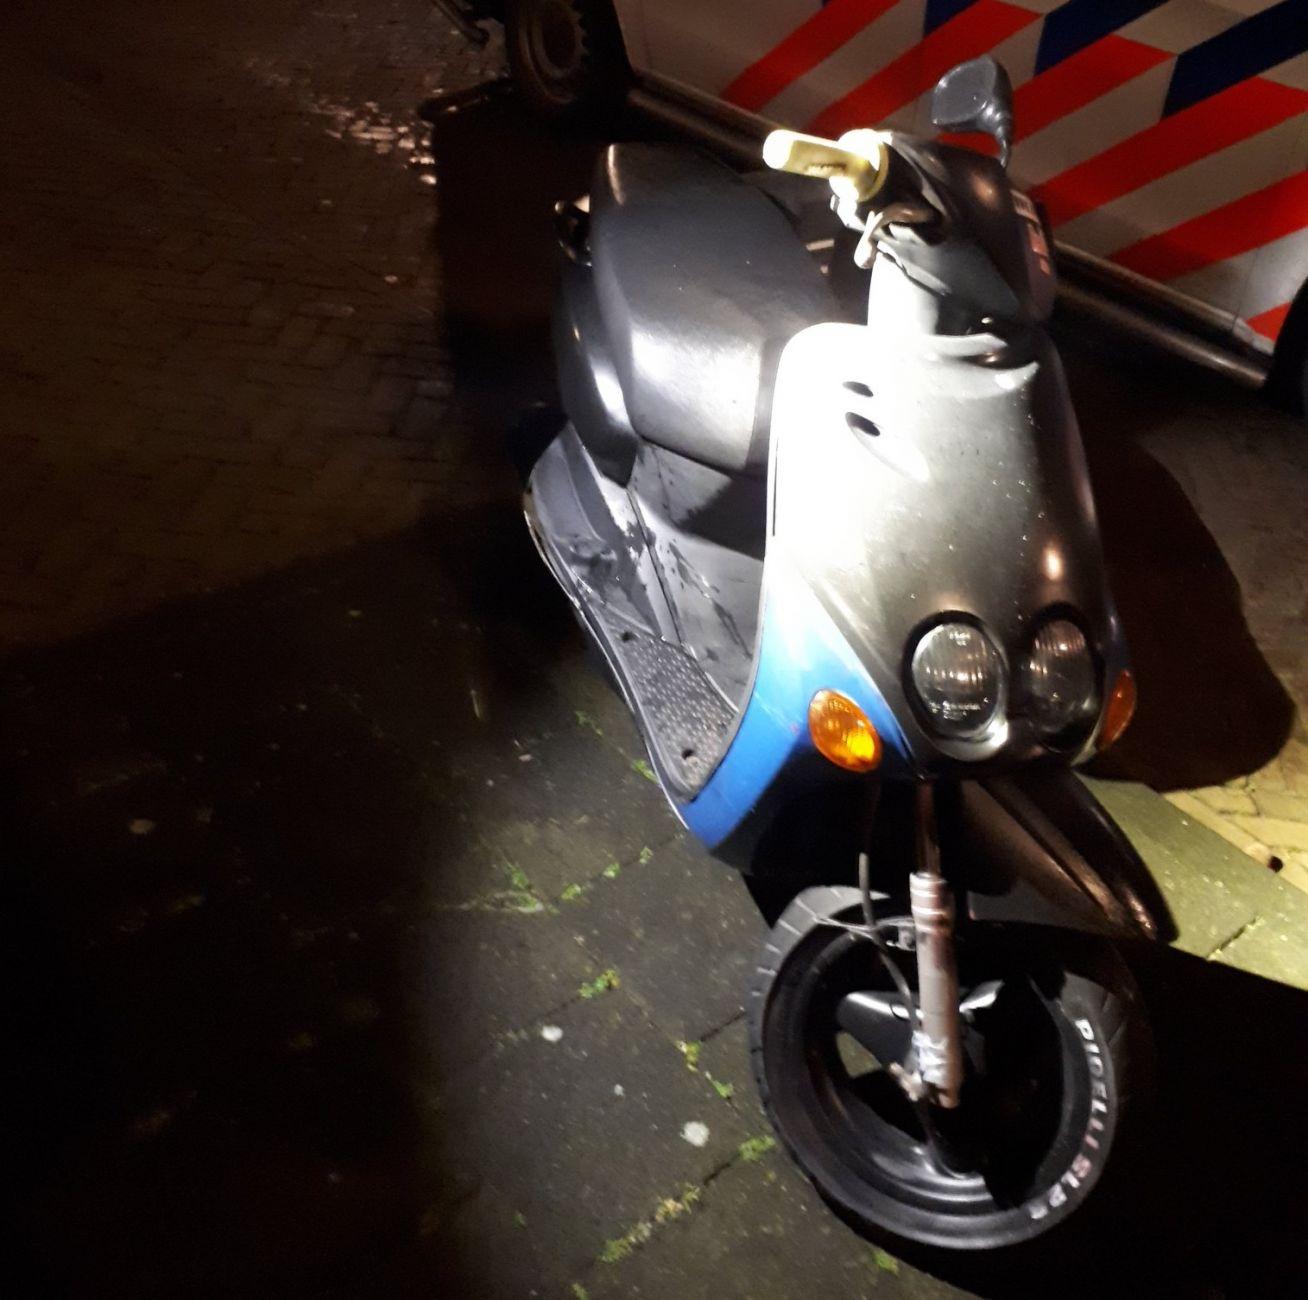 Politie zoekt eigenaar van scooter zonder kentekenplaat